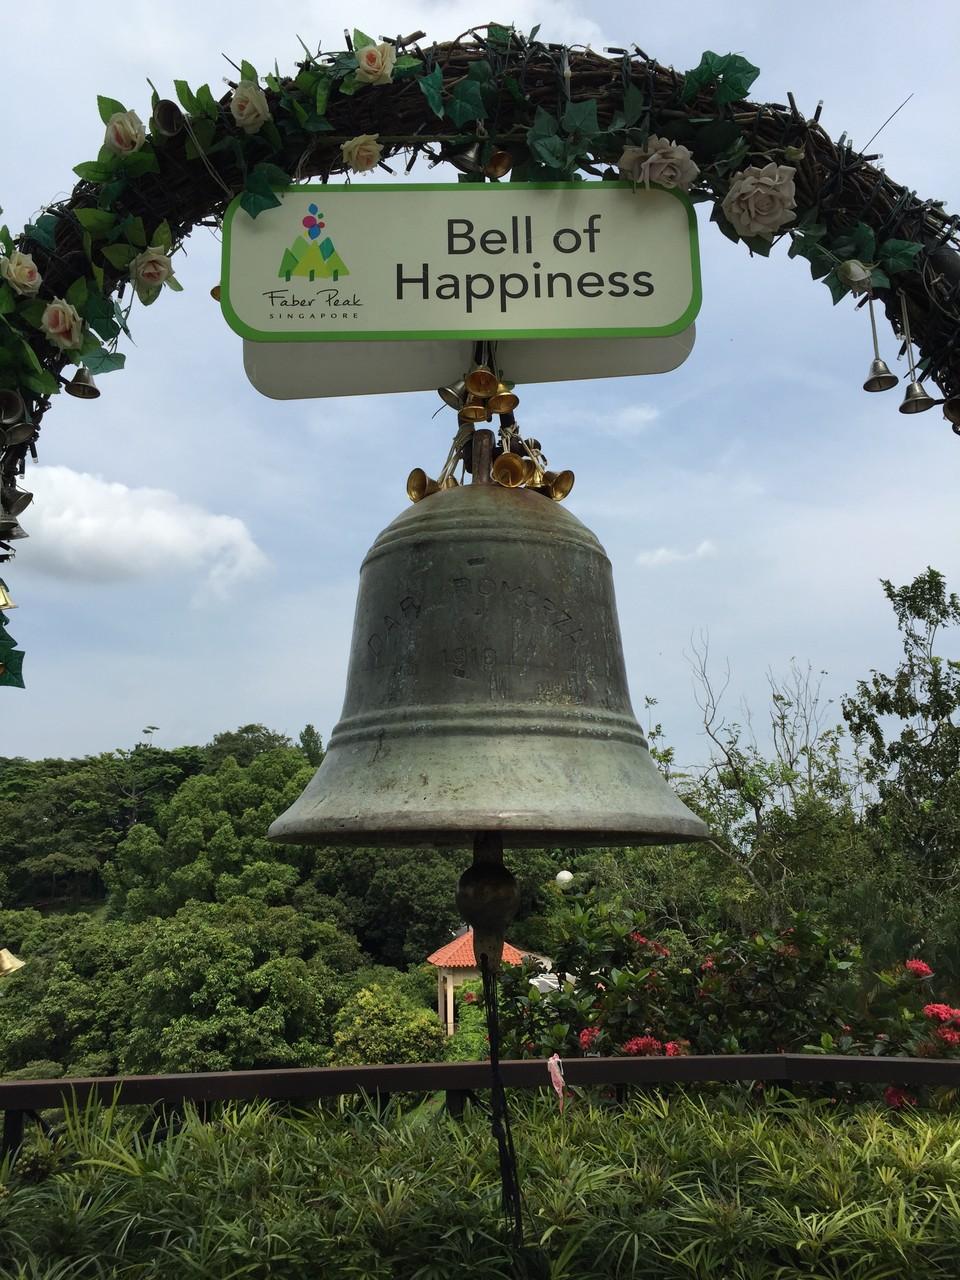 Immer gut: die Bell of Happiness! Das lassen wir uns nicht entgehen!